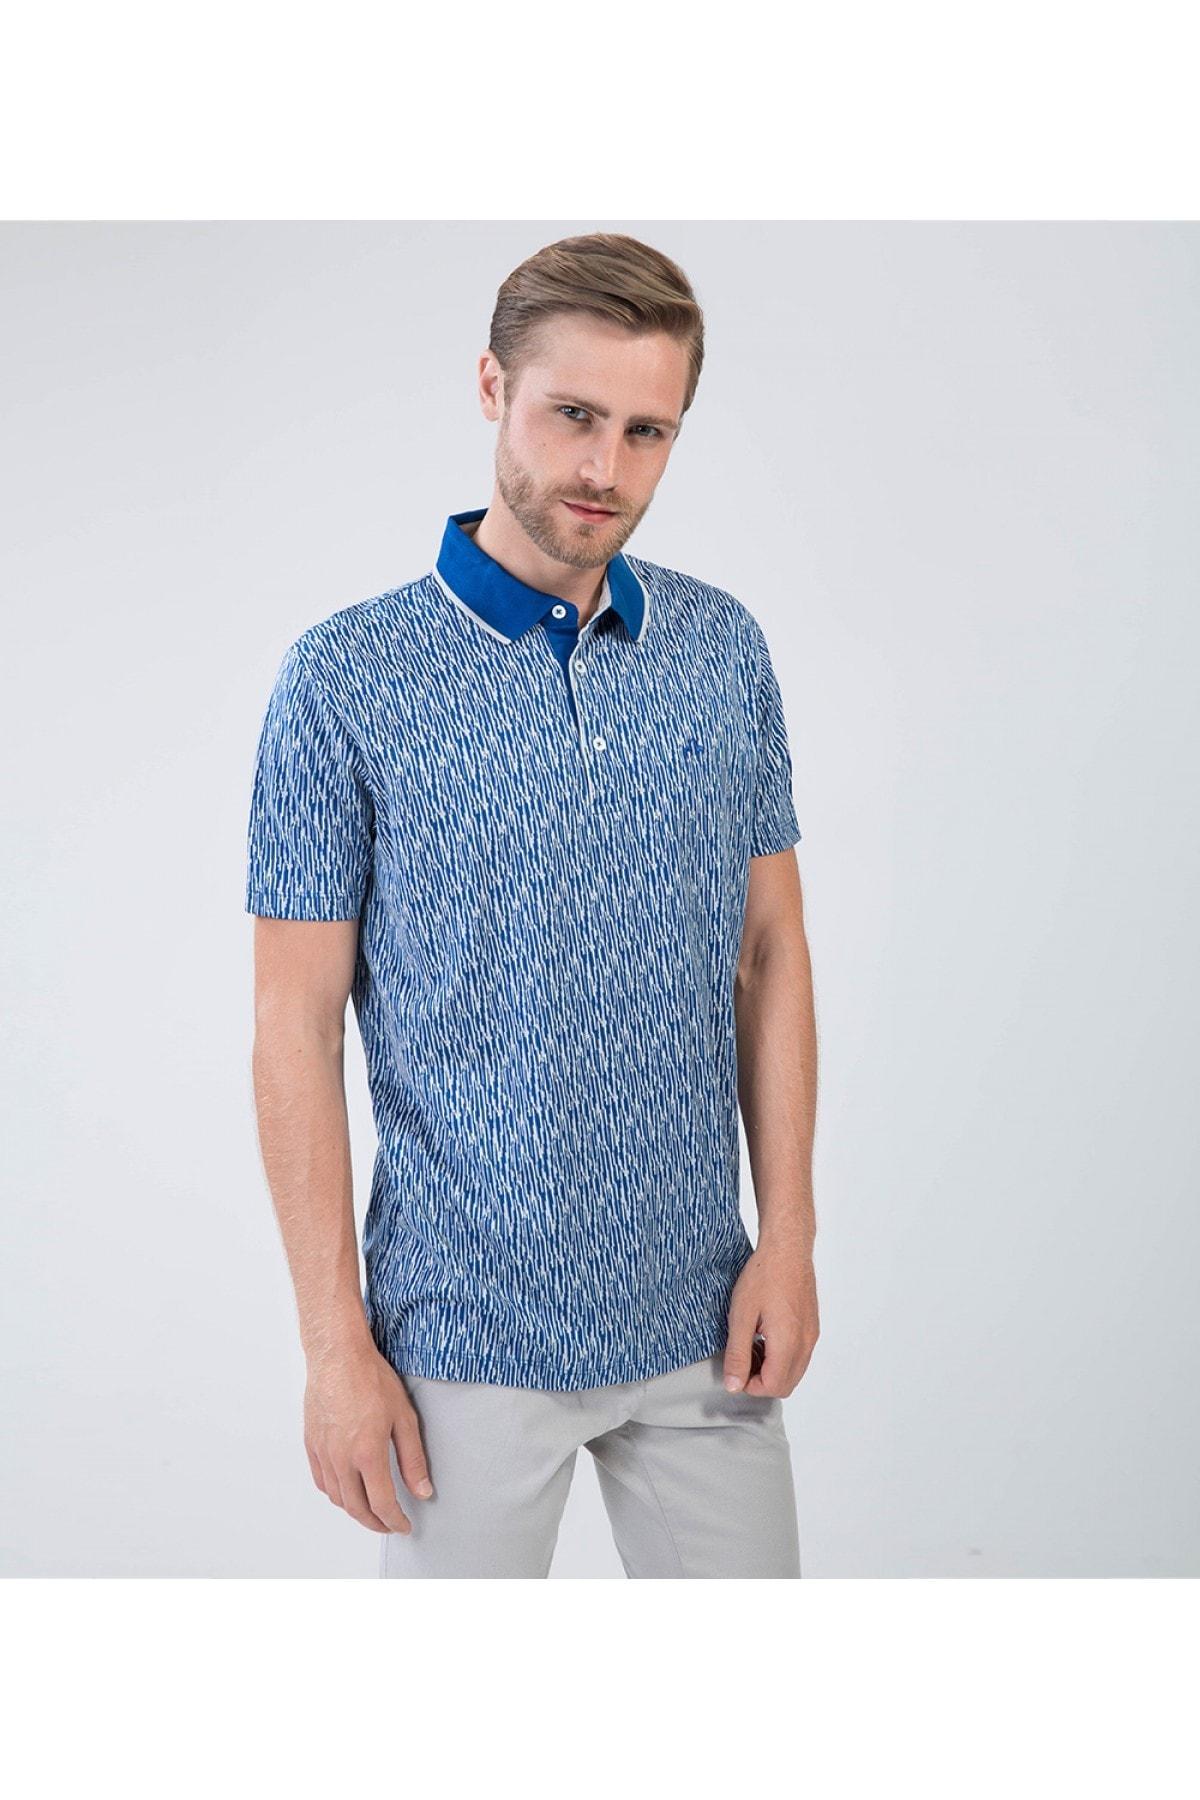 Karaca Erkek Regular Fit Süprem T Shirt   Saks